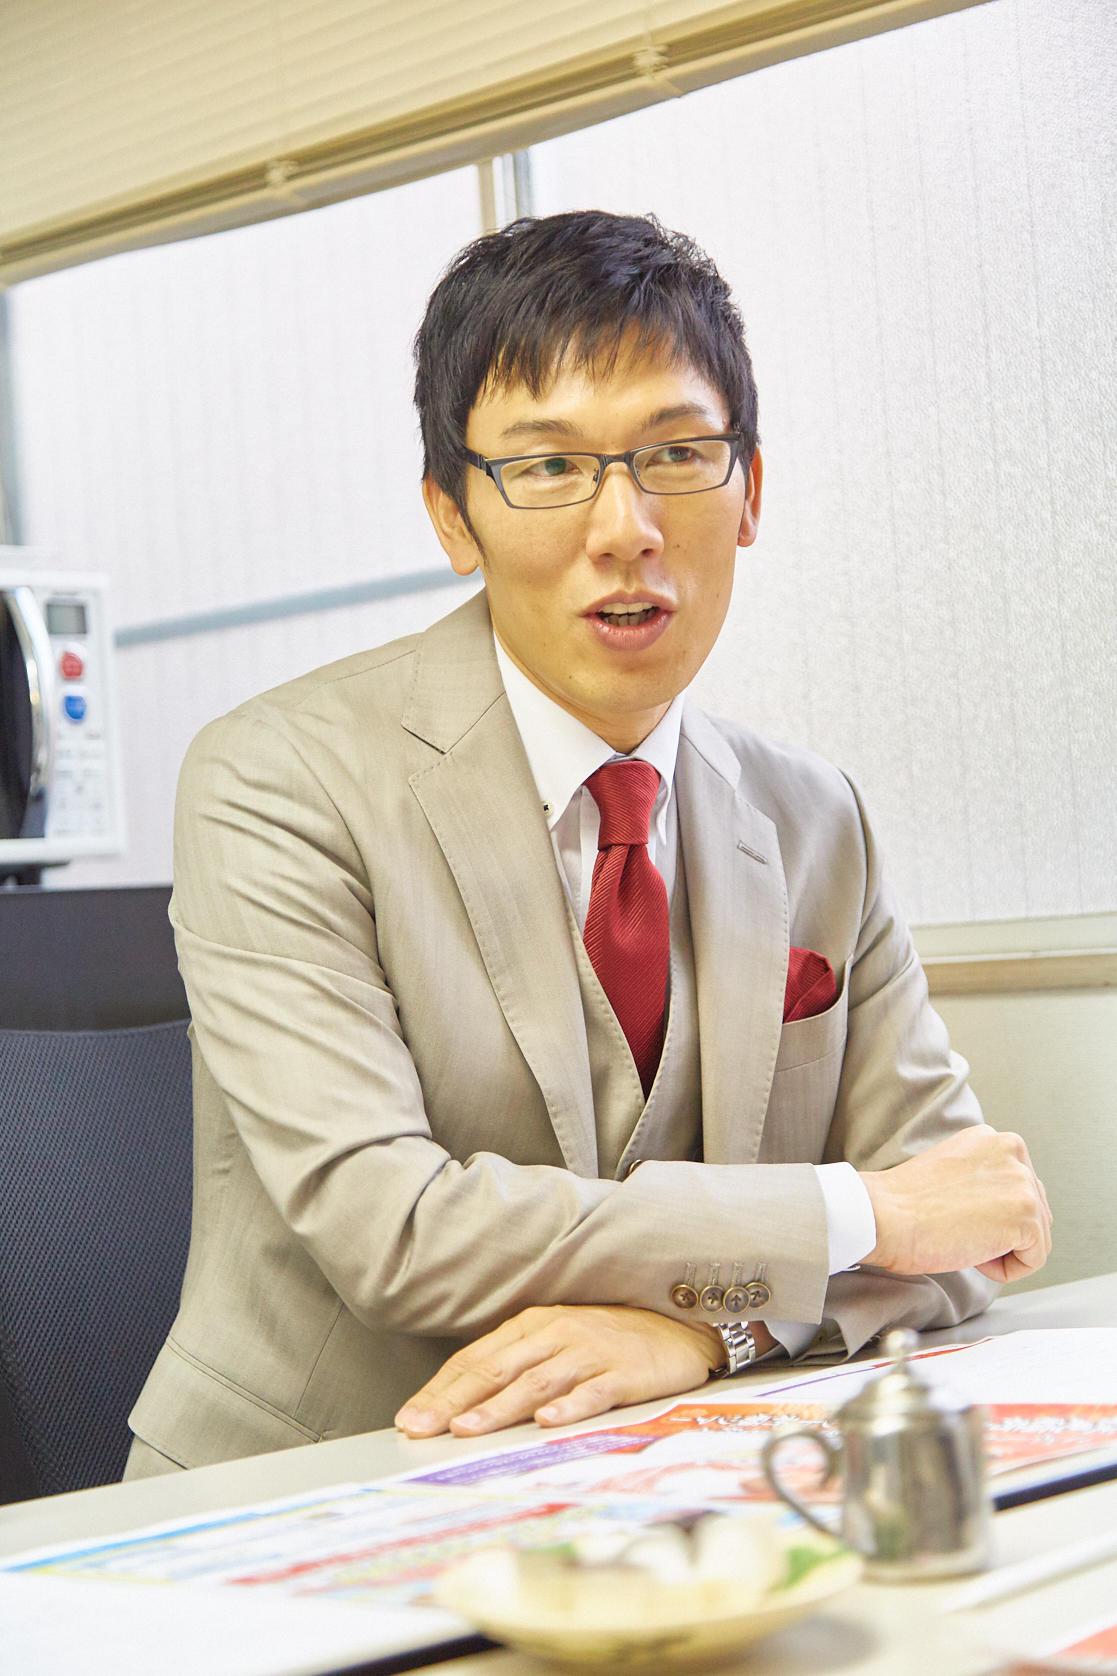 http://news.yoshimoto.co.jp/20170720100830-e3e29be689ce62c4995cd668dc4a32291f6b6583.jpg